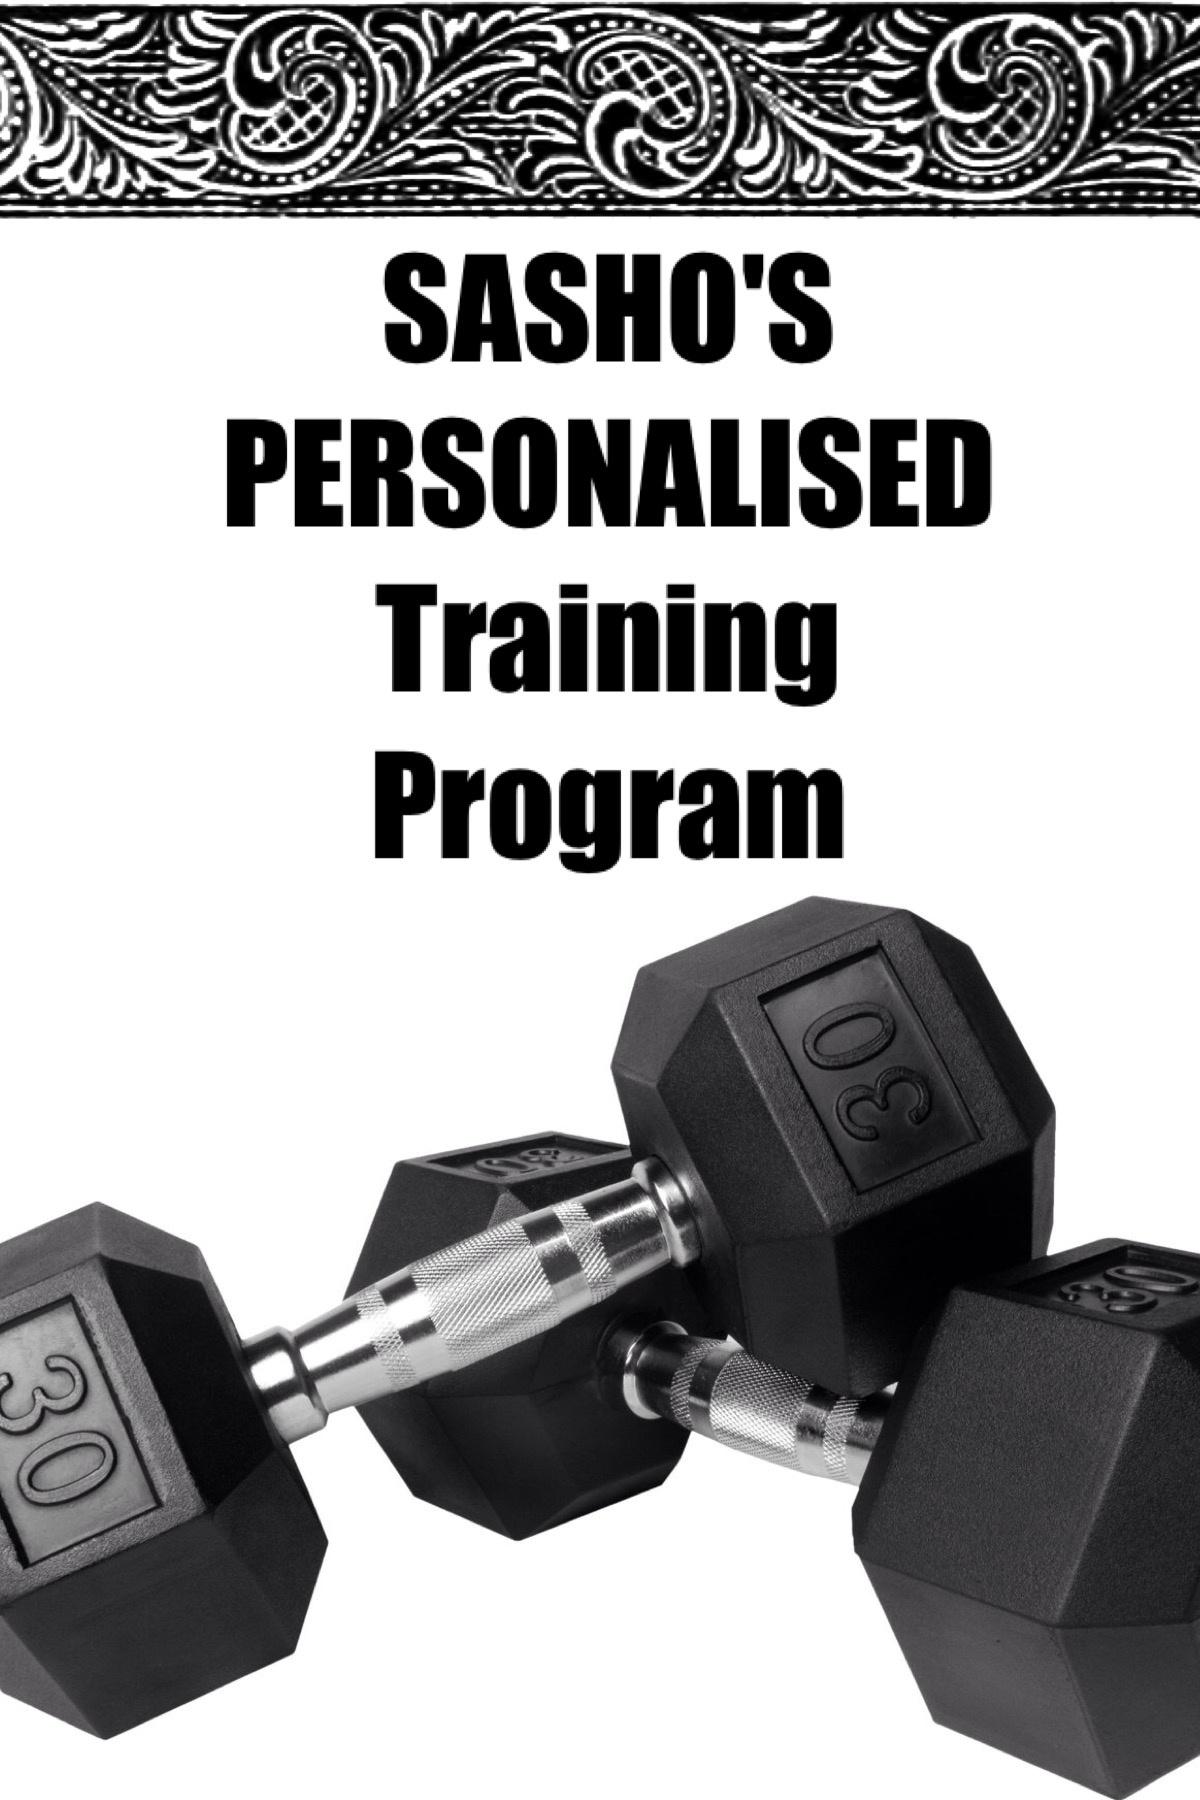 SASHO'S PERSONALISED Training Program